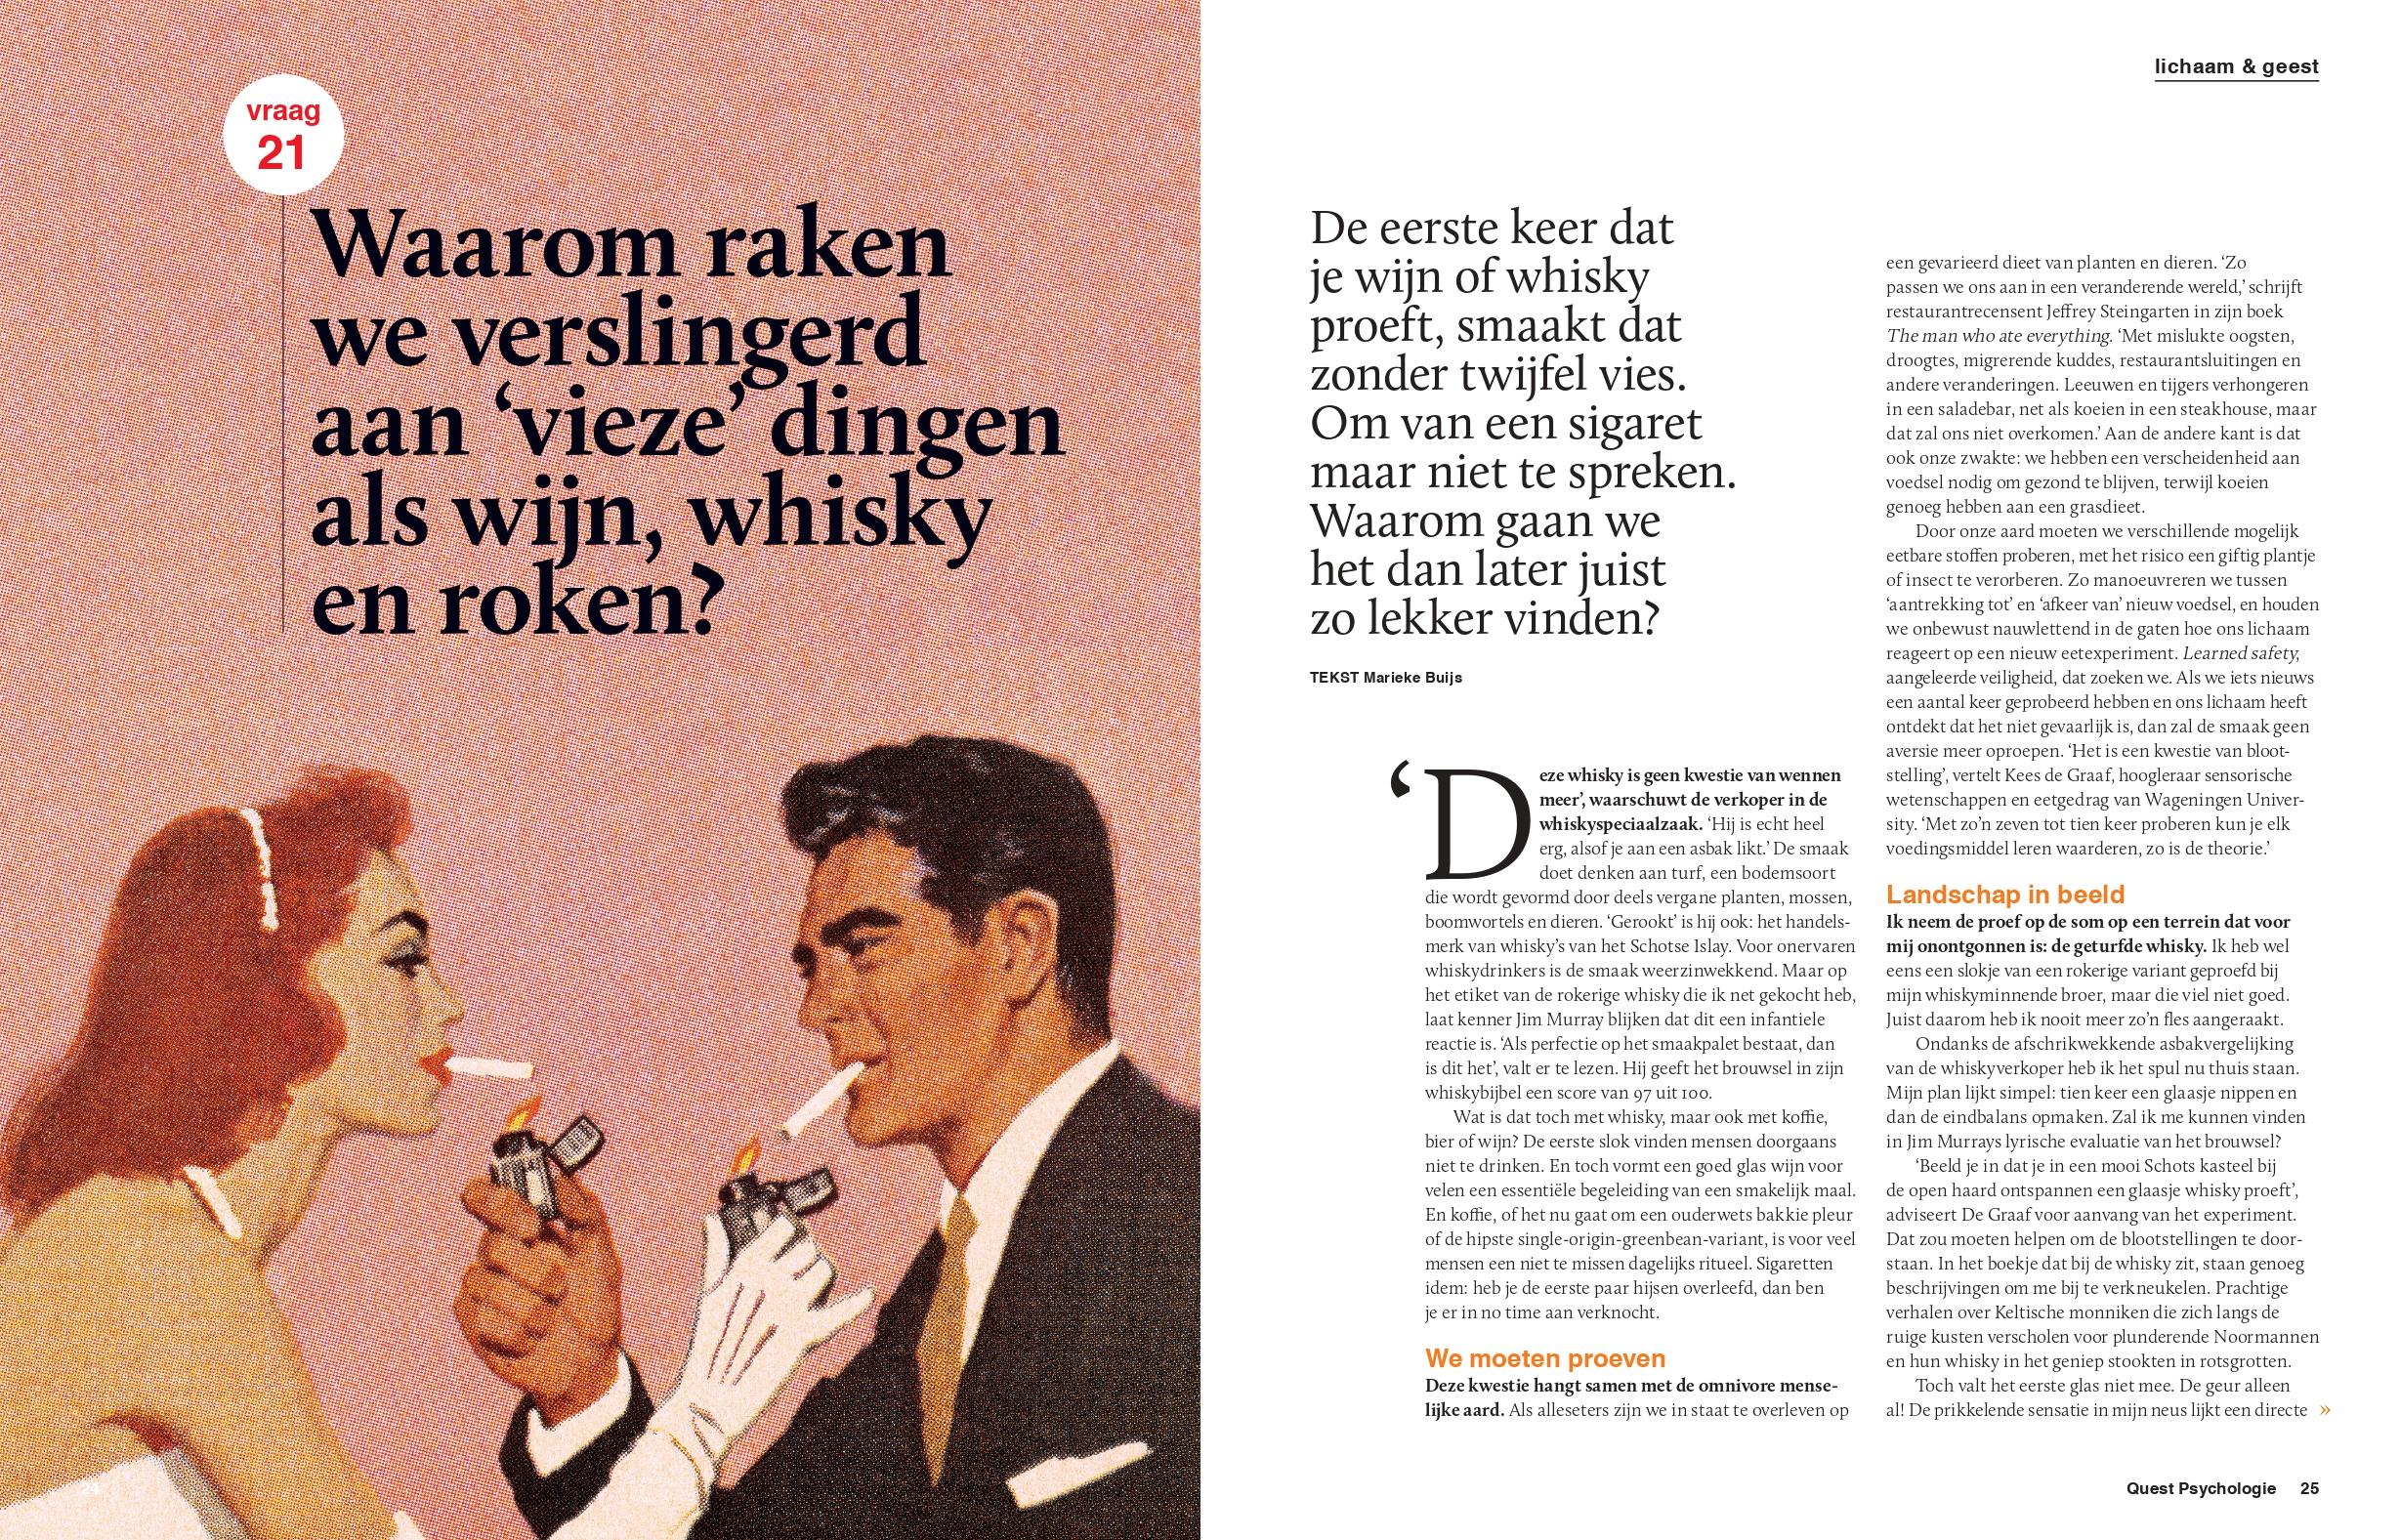 Quest Psychologie - Whiskey gaan lusten_page-0001.jpg